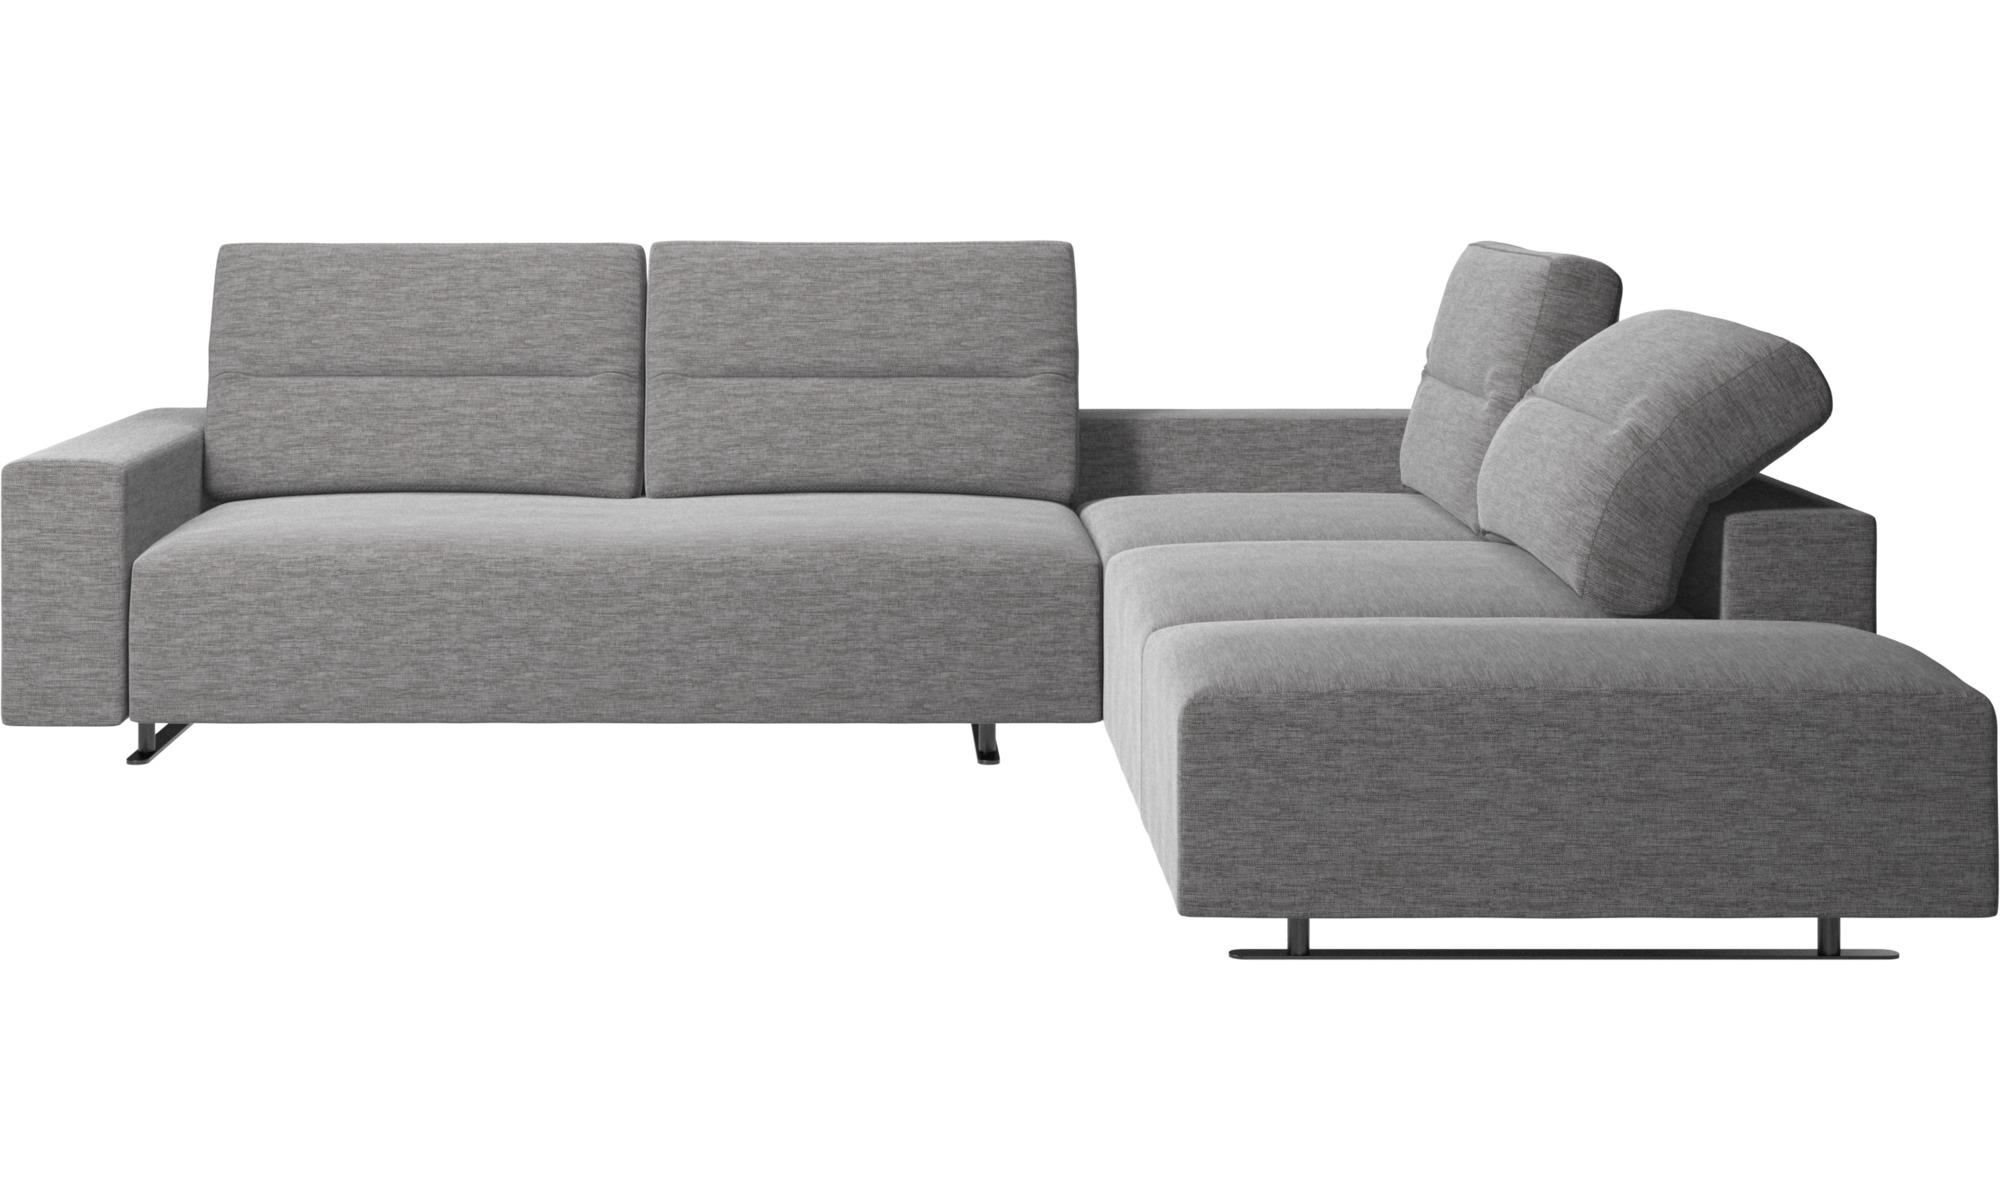 Ecksofas hampton ecksofa mit verstellbarem r cken und loungemodul boconcept - Designer ecksofas stoff ...